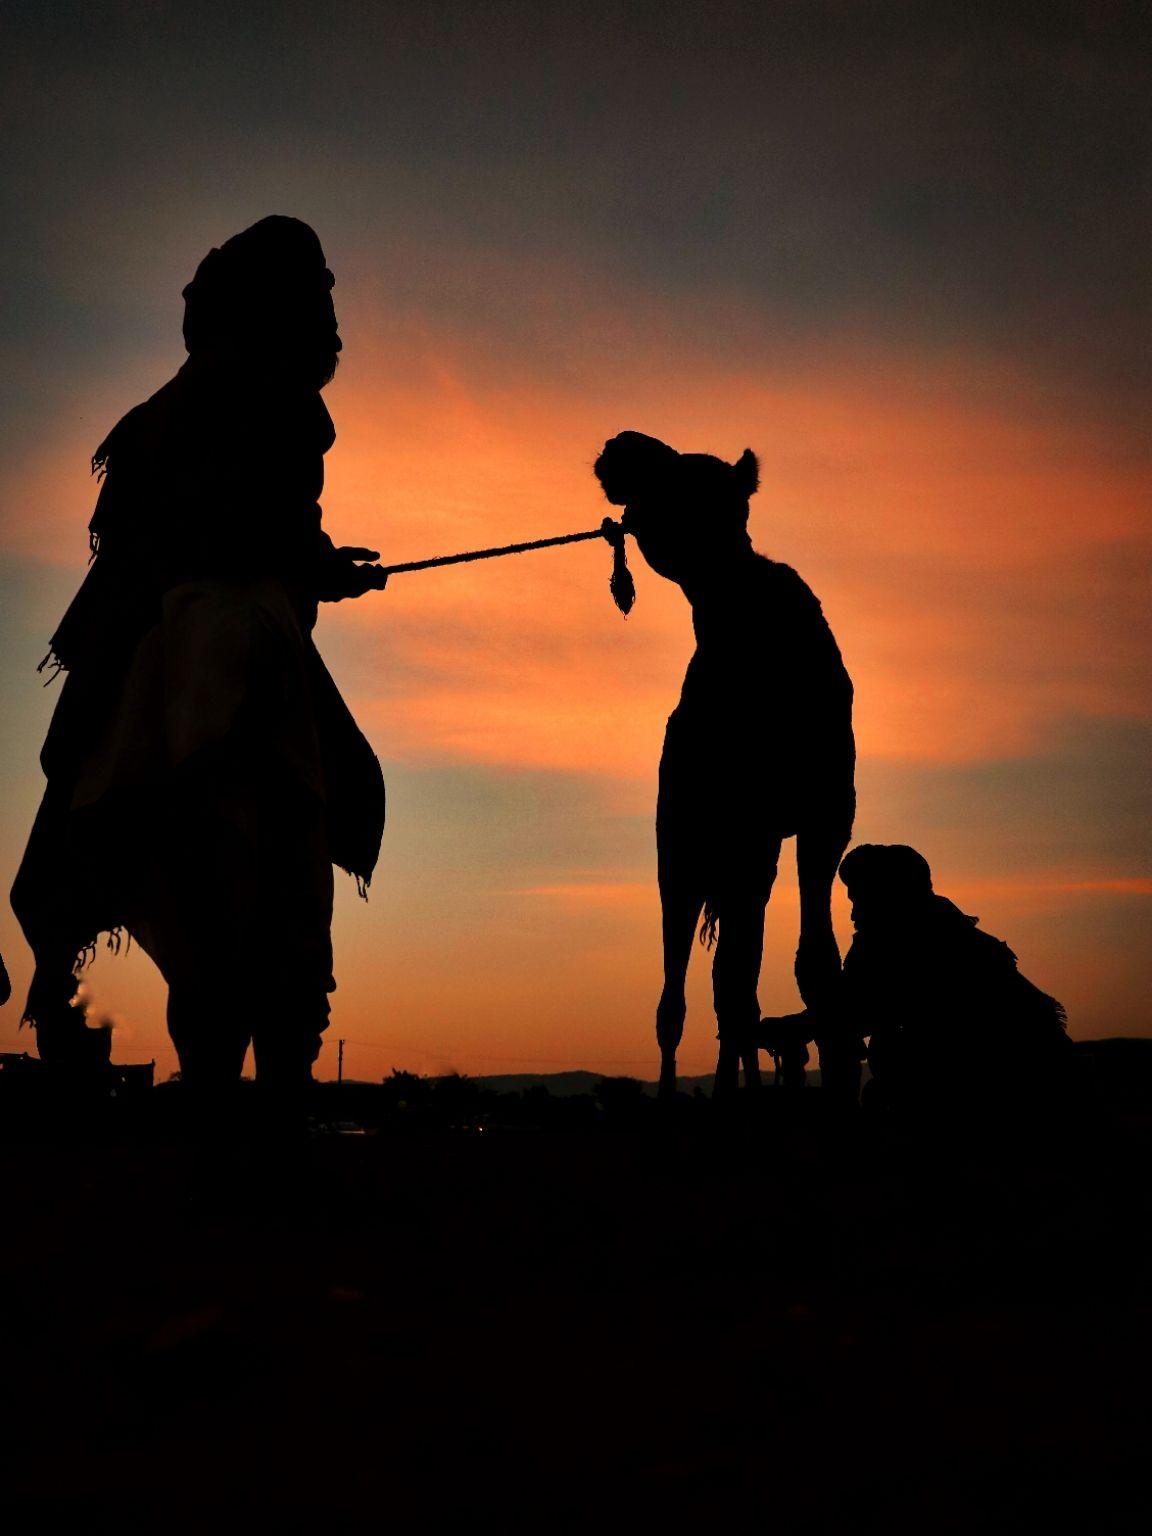 Photo of Pushkar By Shubham Jain